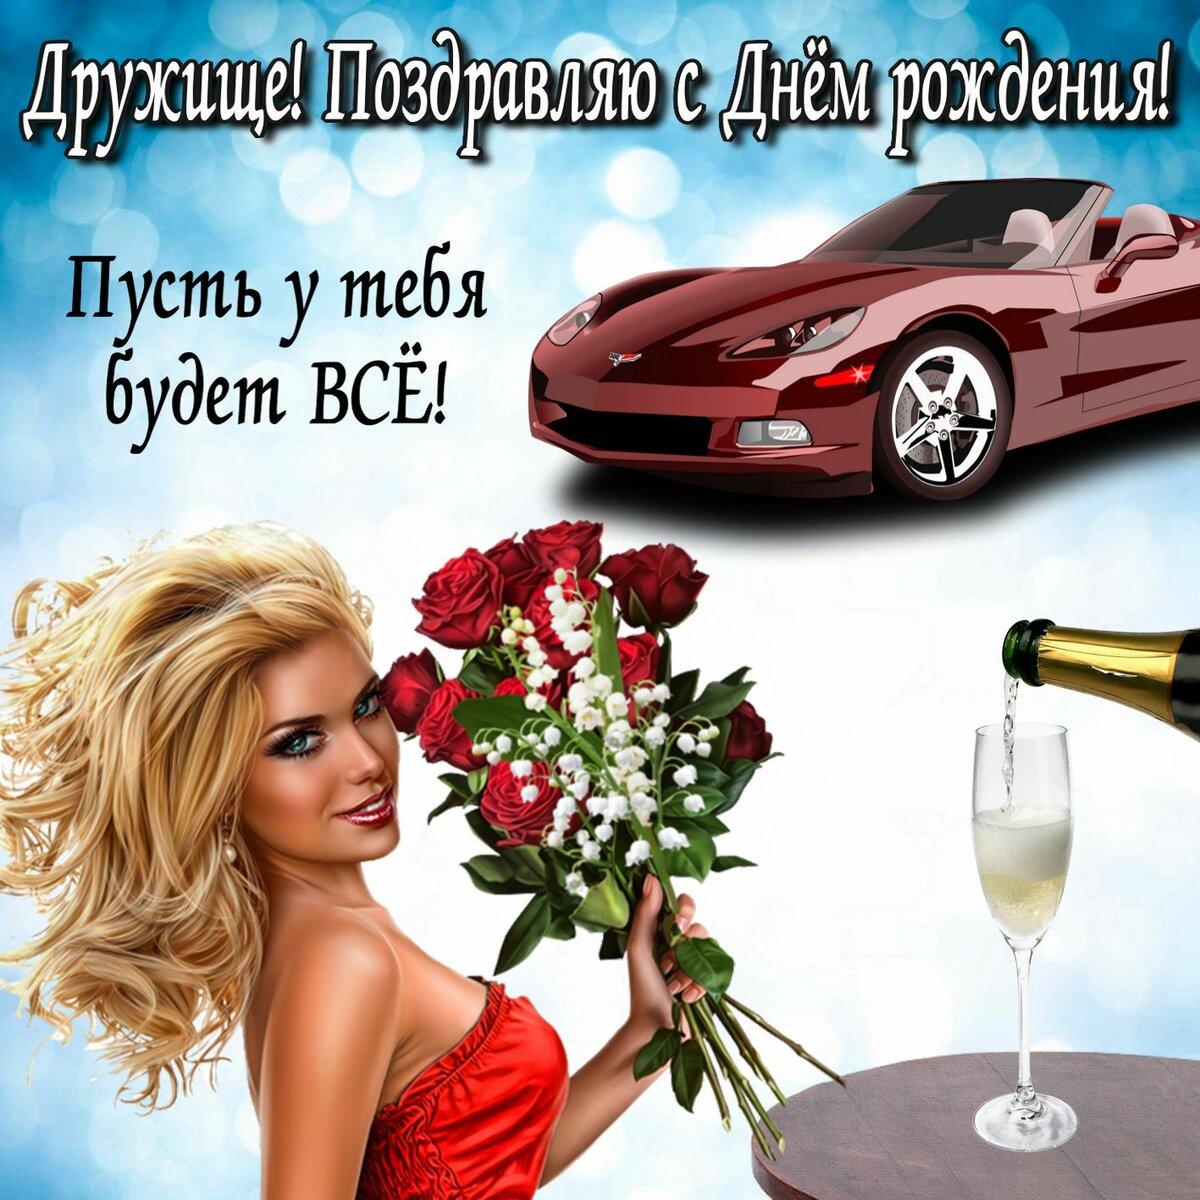 Поздравление с днем рождения мужчину другу